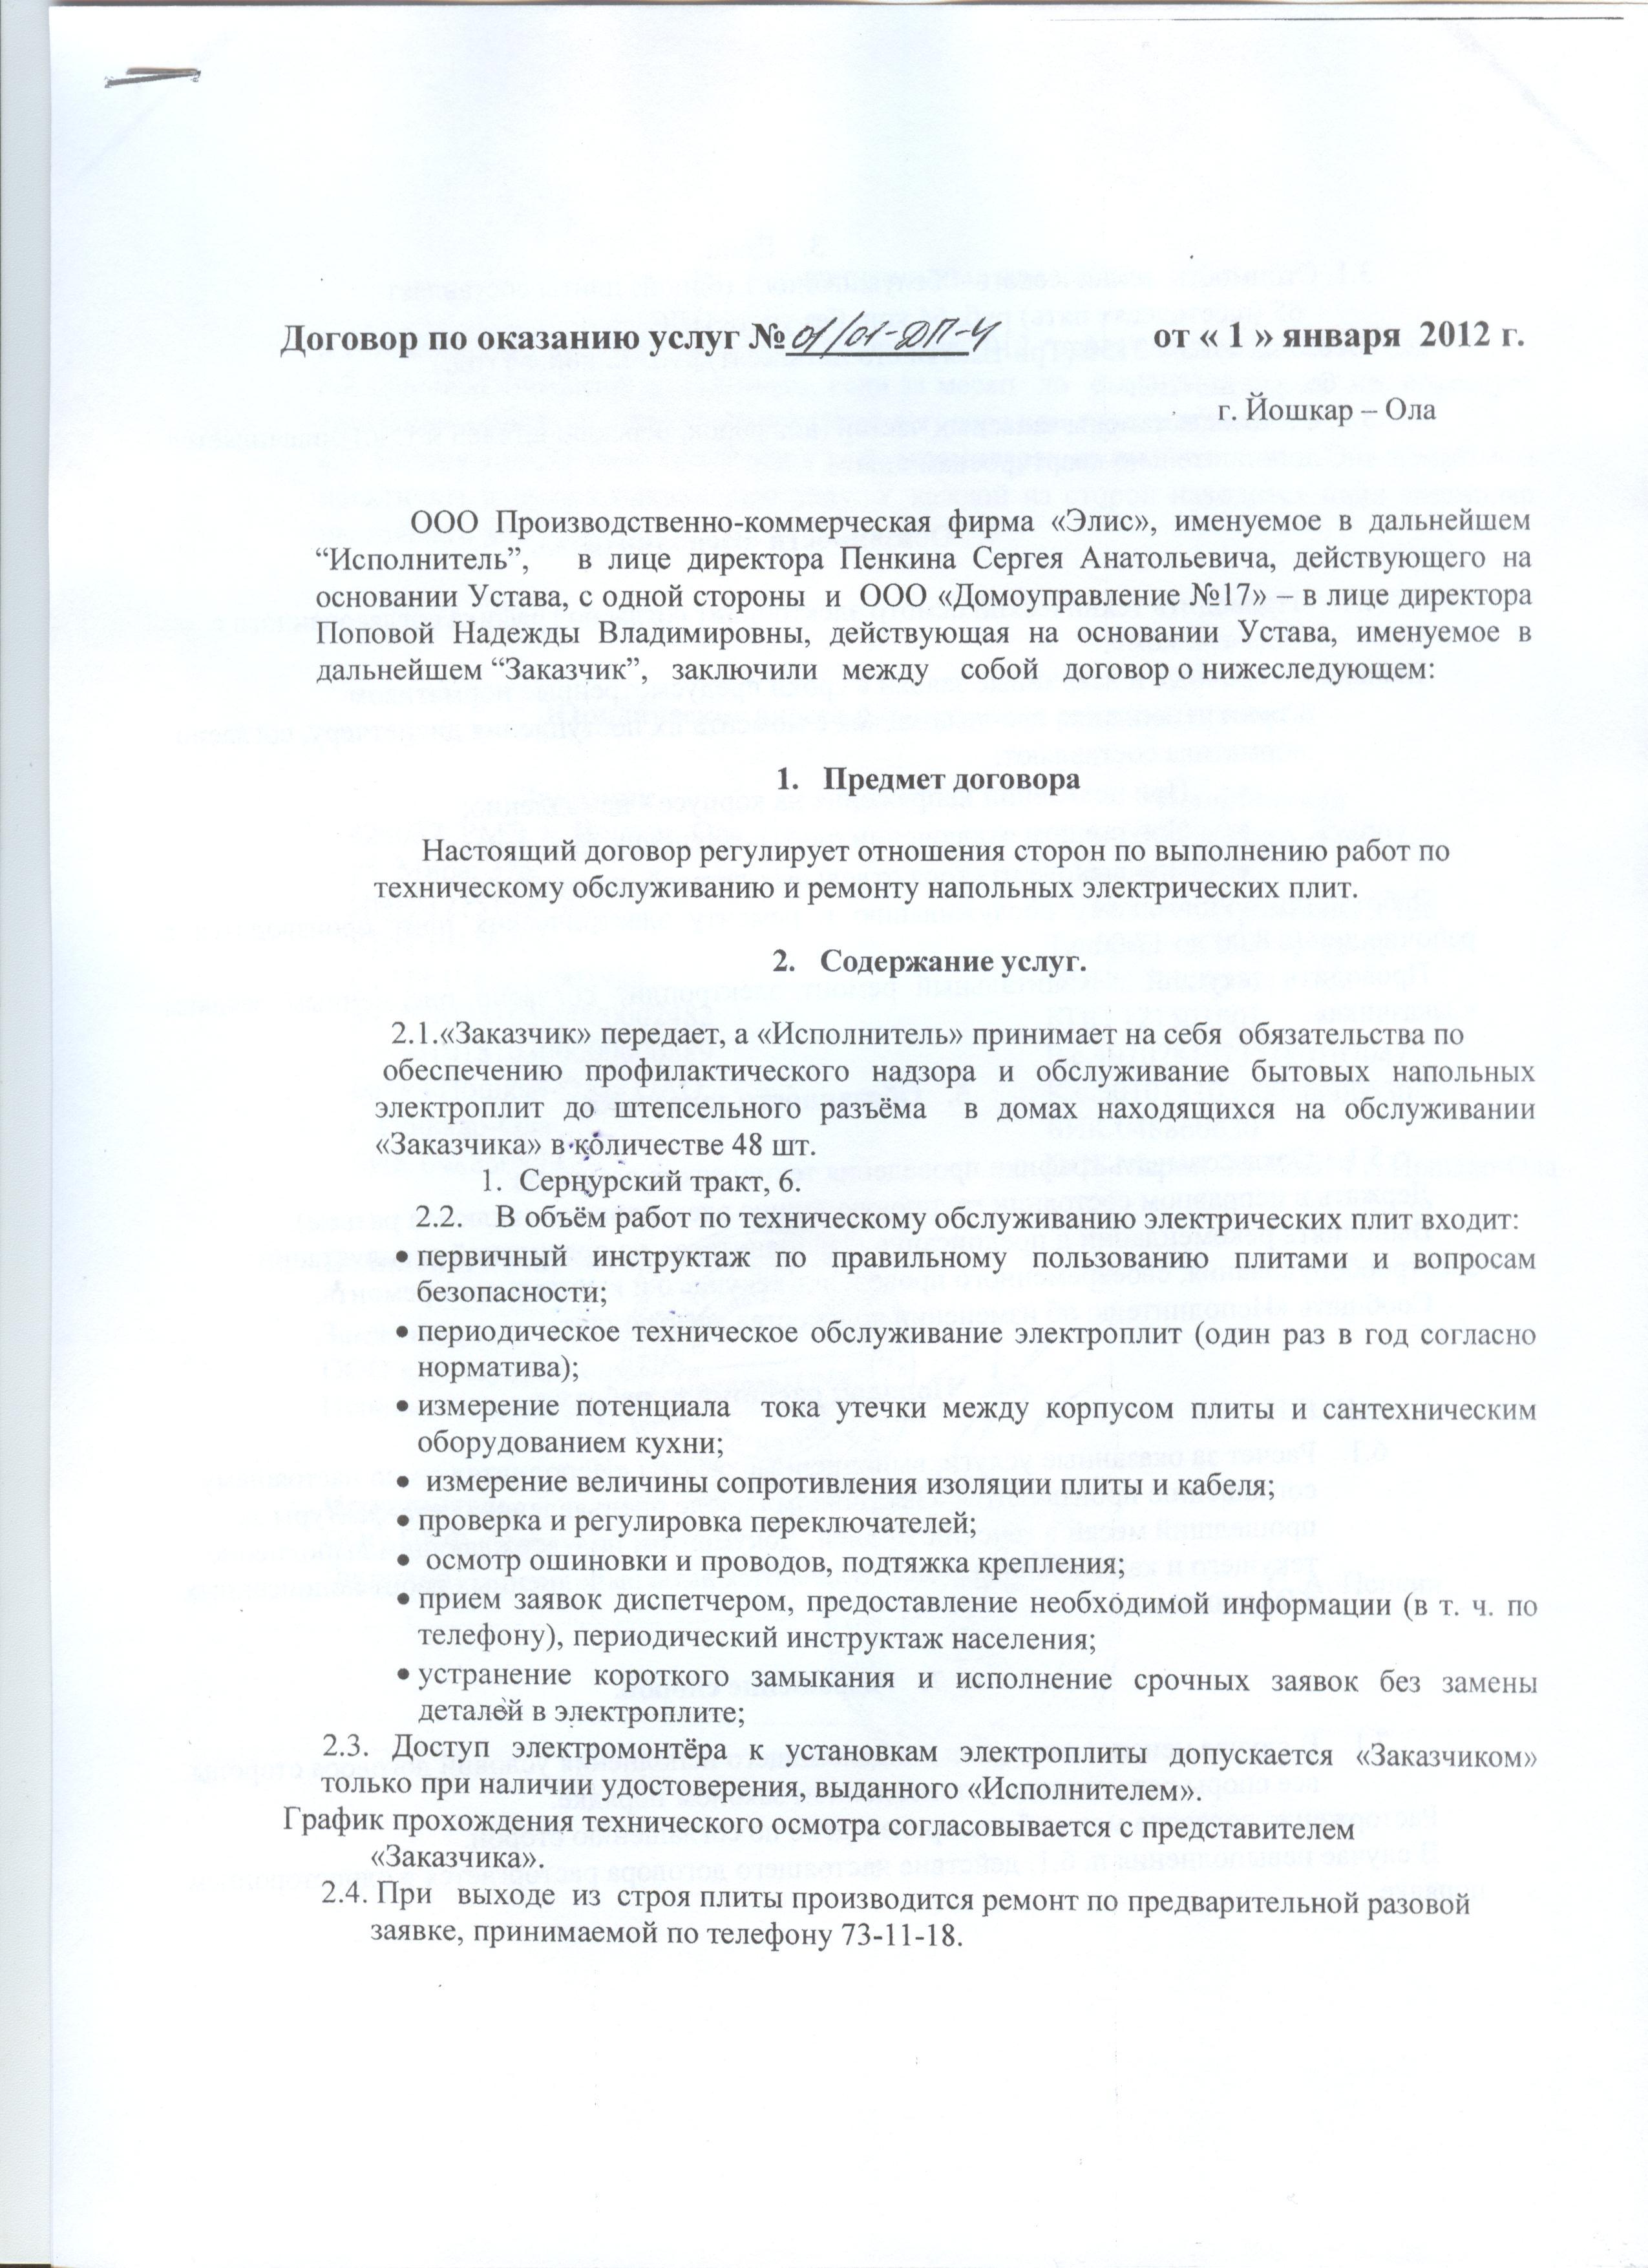 Варочная панель ремонт в москве